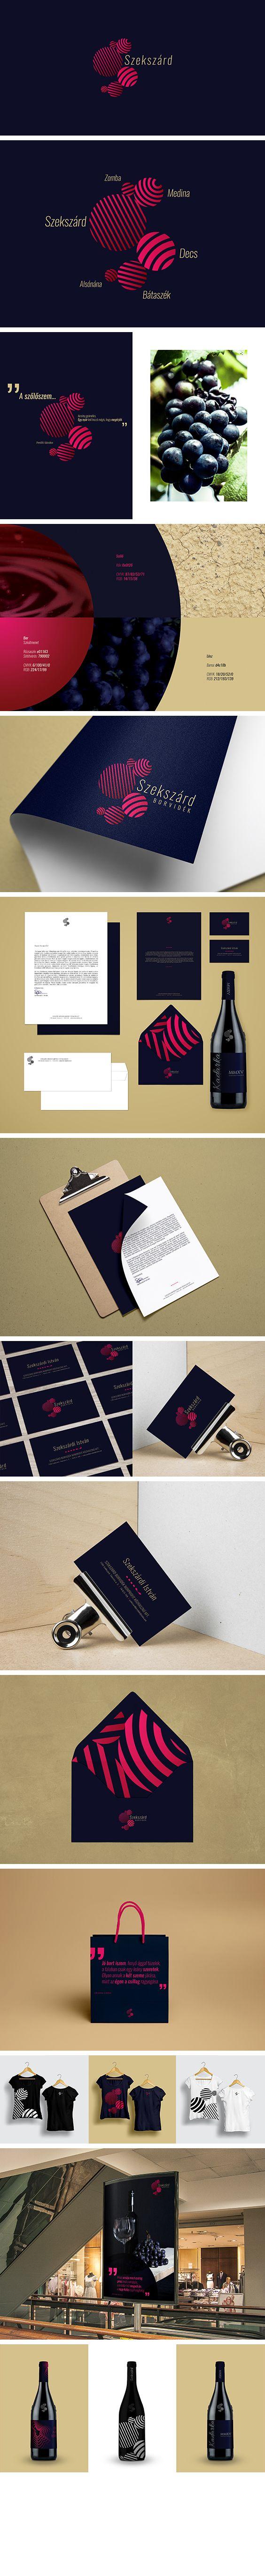 Szekszard Wine Region Branding Concept by ZIIJN https://ziijn.myportfolio.com